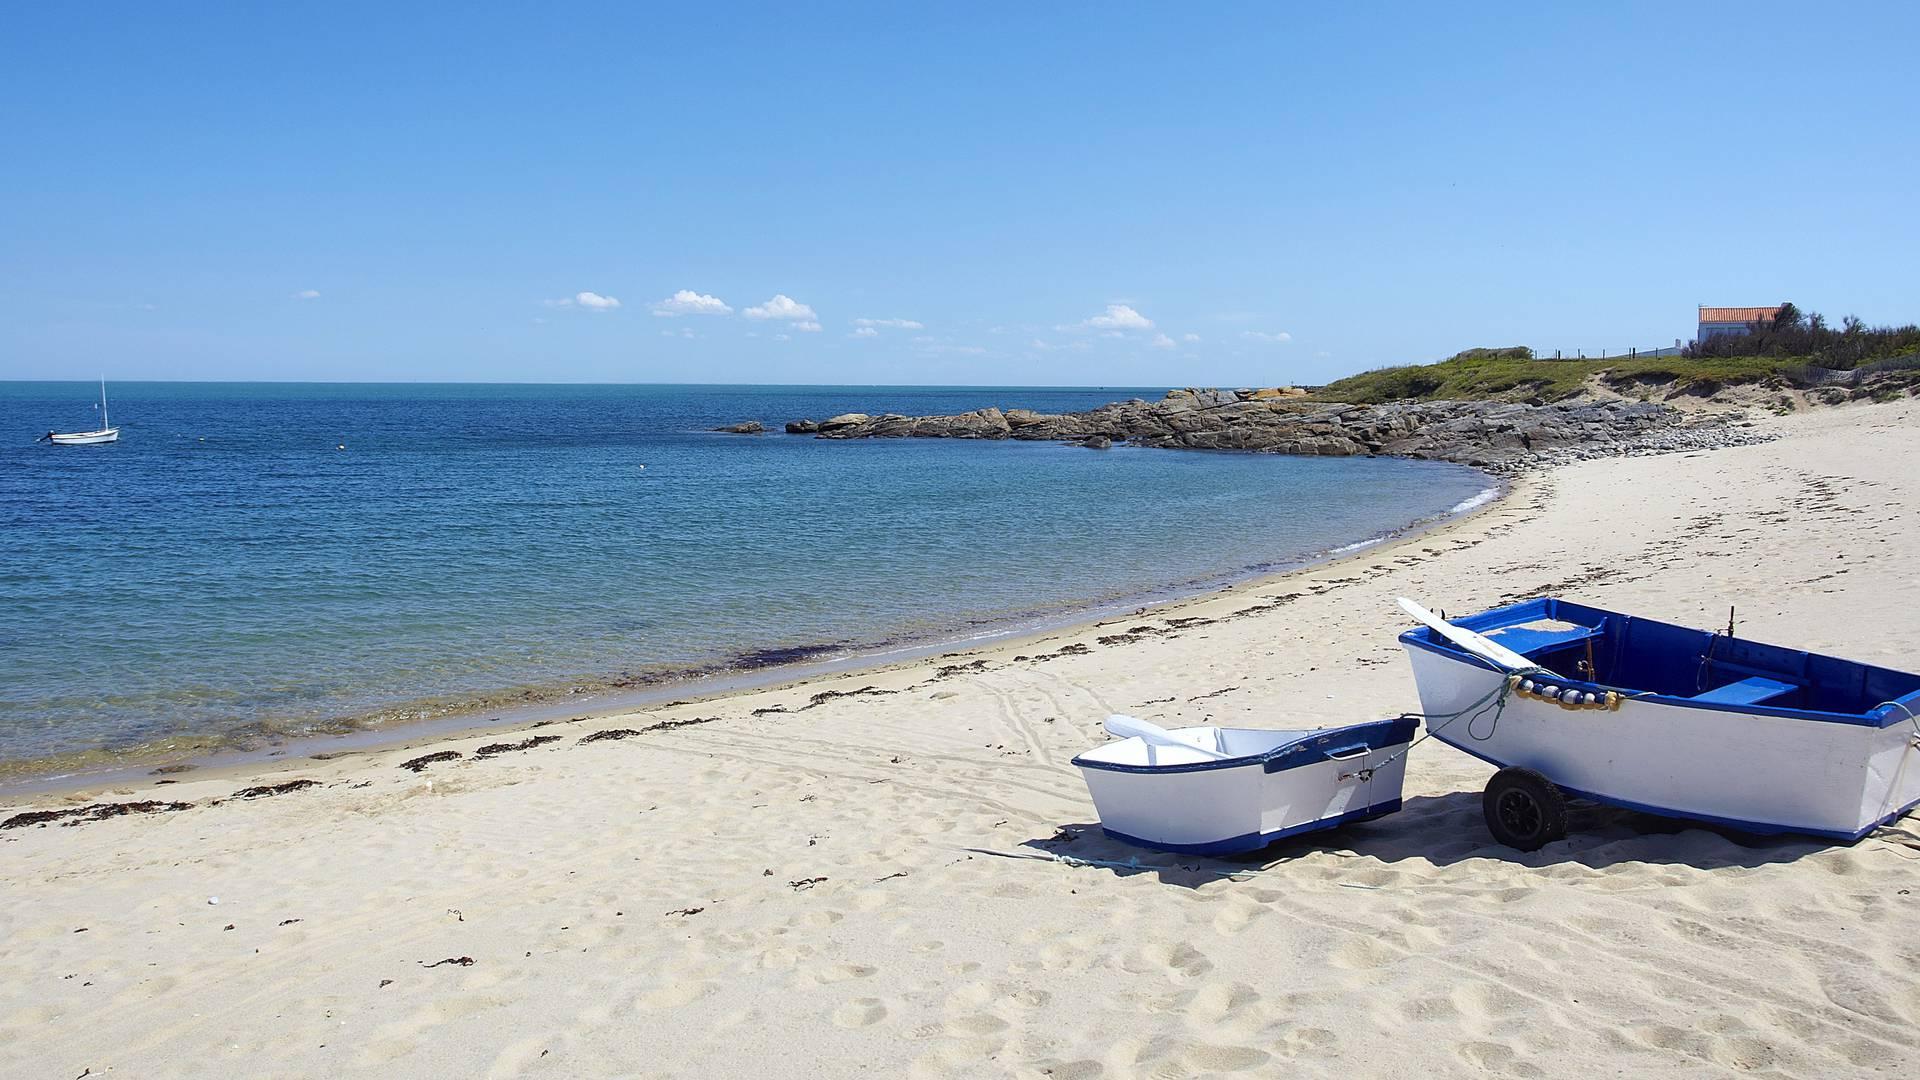 Strand im Nordwesten der Ile d'Yeu